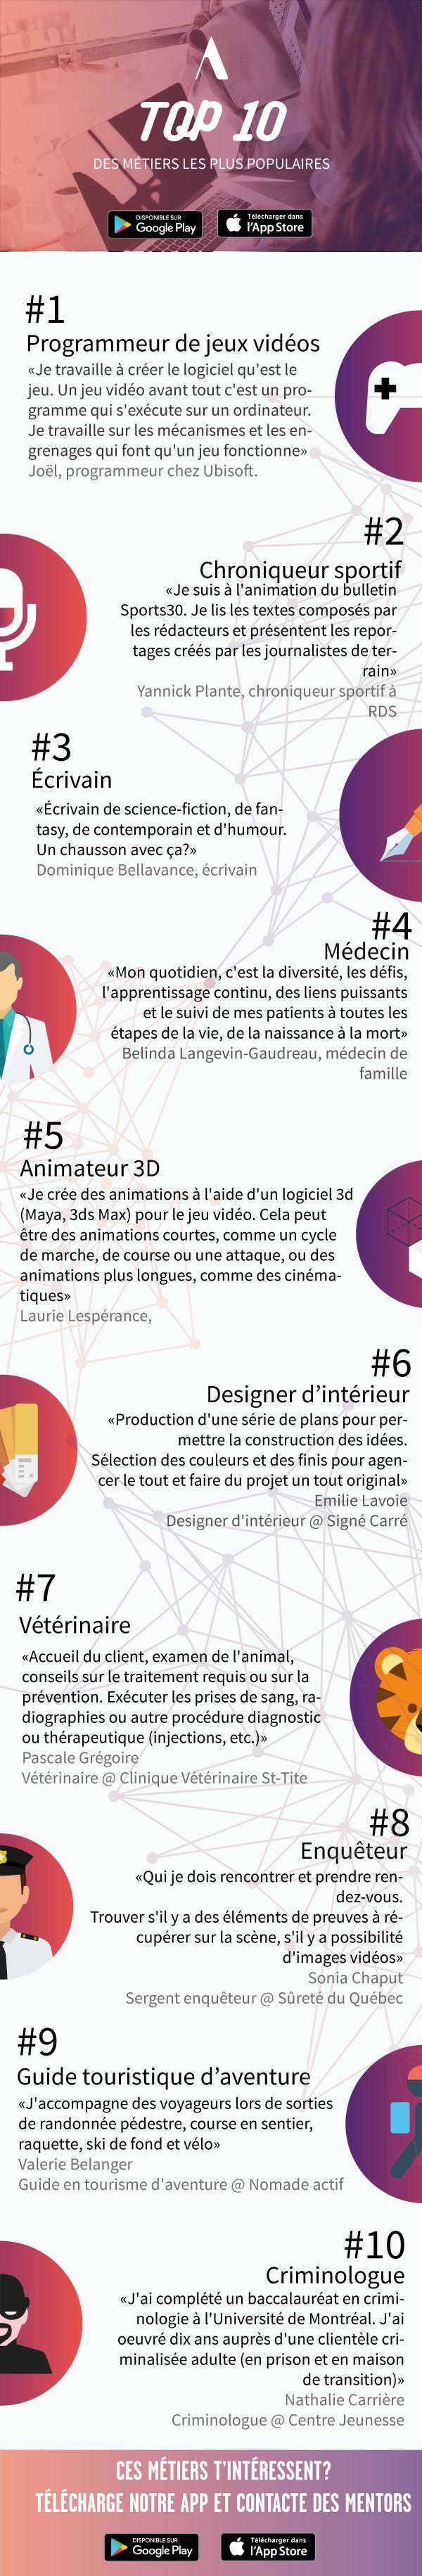 Une infographie présentant les métiers et mentors les plus aimés sur Academos, l'application pour trouver le métier de tes rêves.